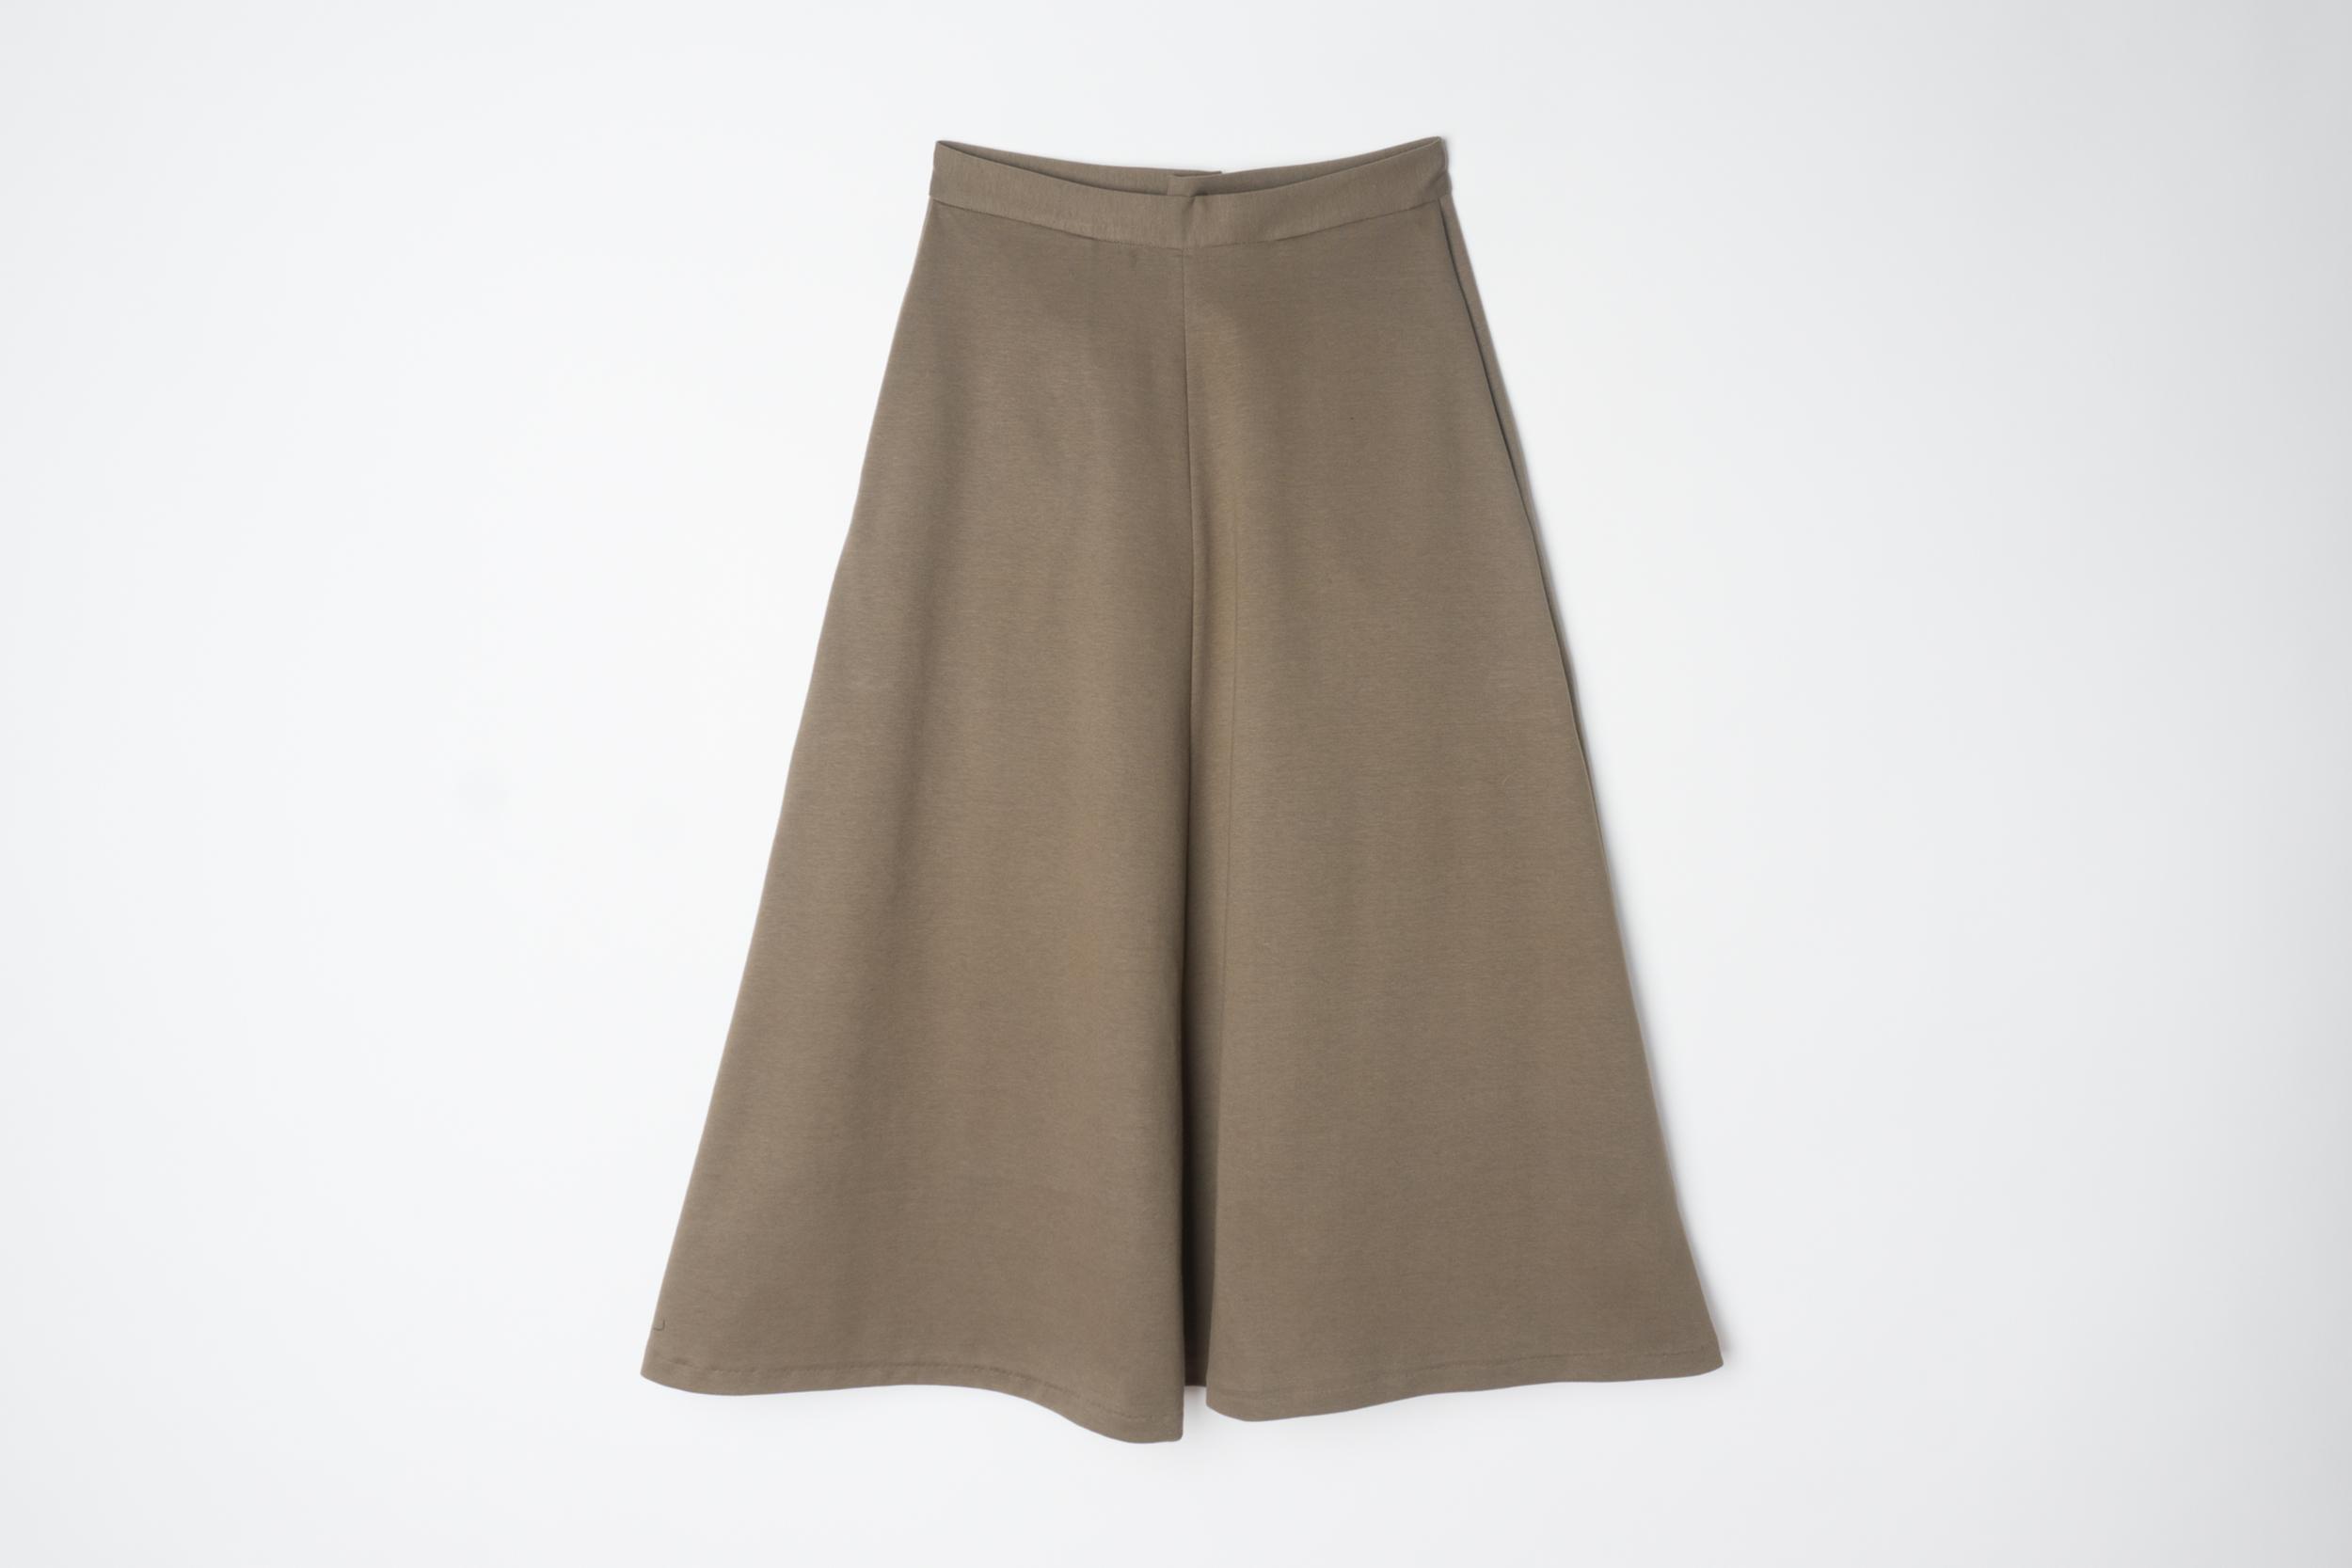 A Skirt.jpg